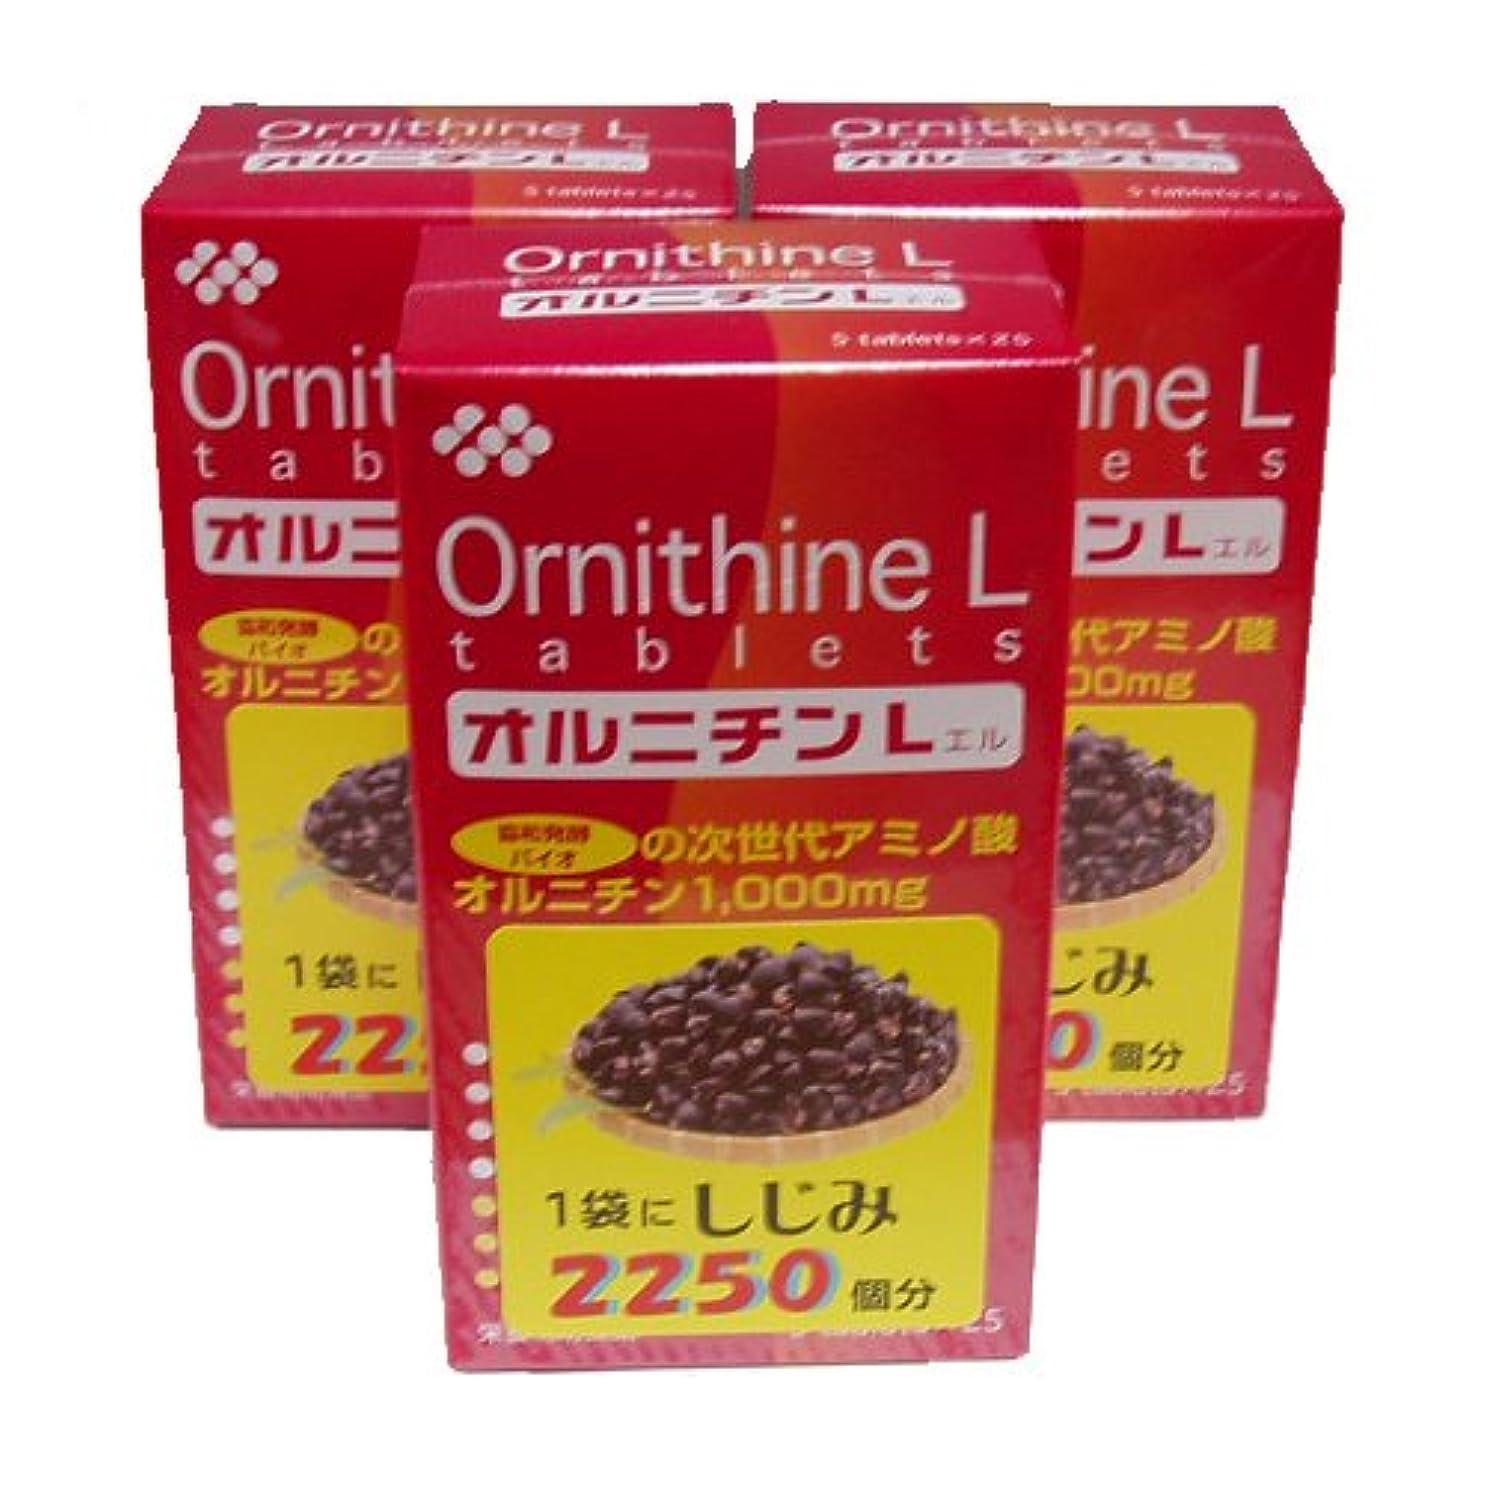 不平を言うプラカードどっち伸和製薬オルニチンL (5粒×25袋)×3個セット